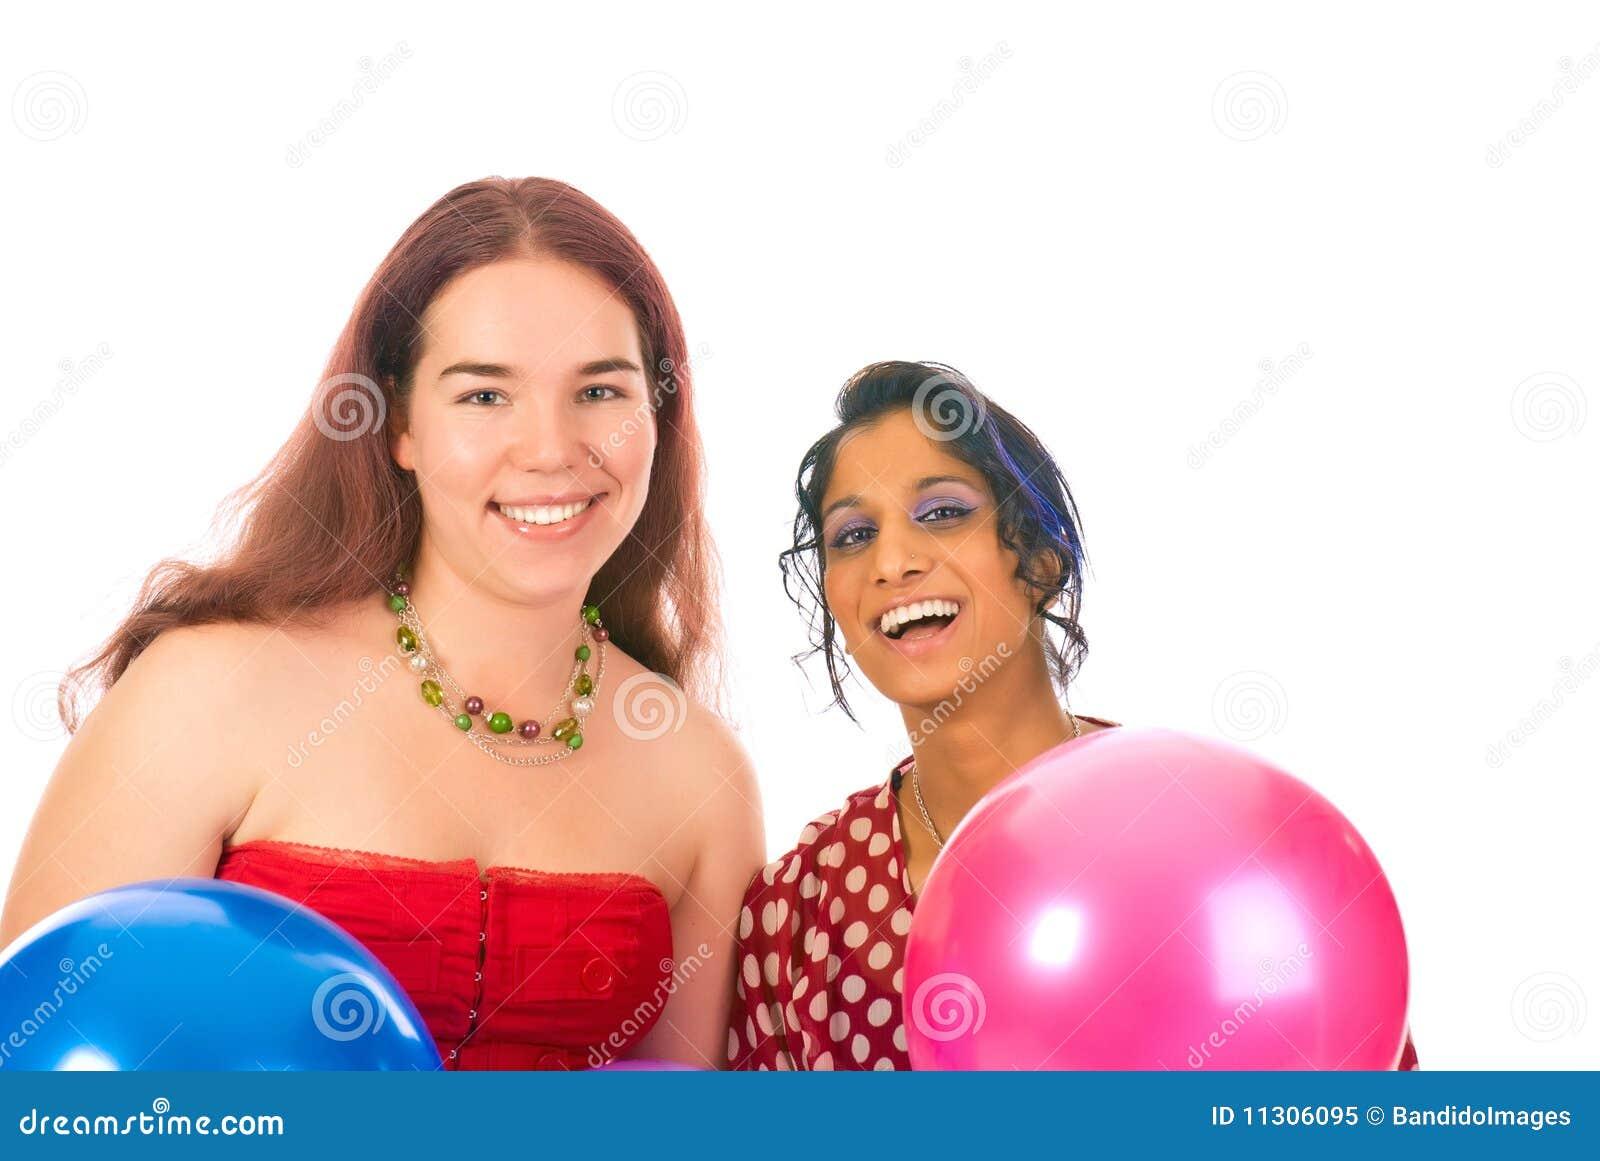 Zwei Mädchen mit baloons